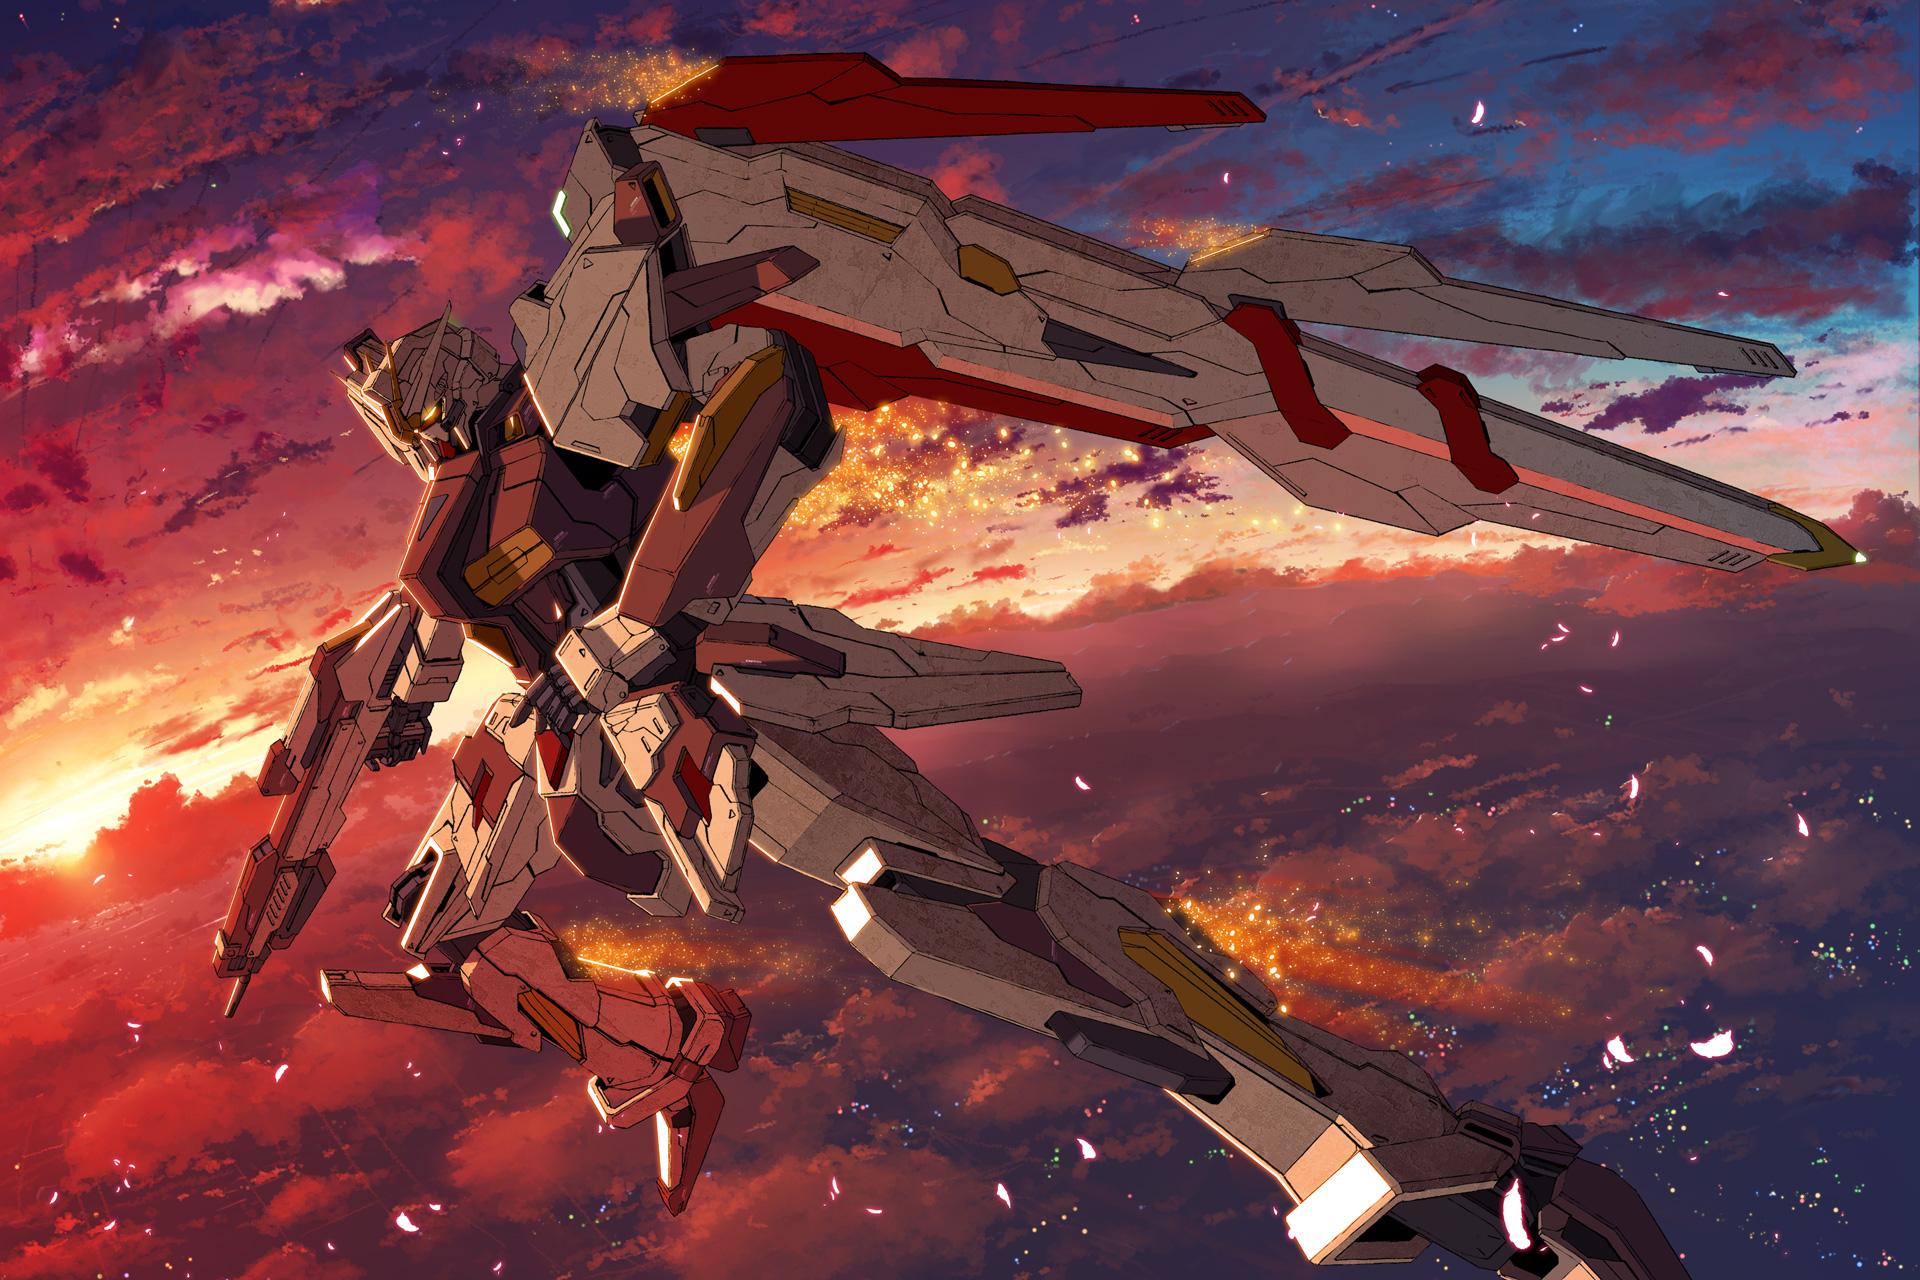 Gun Mecha Mobile Suit Gundam Sky Starlight Stack Tagme